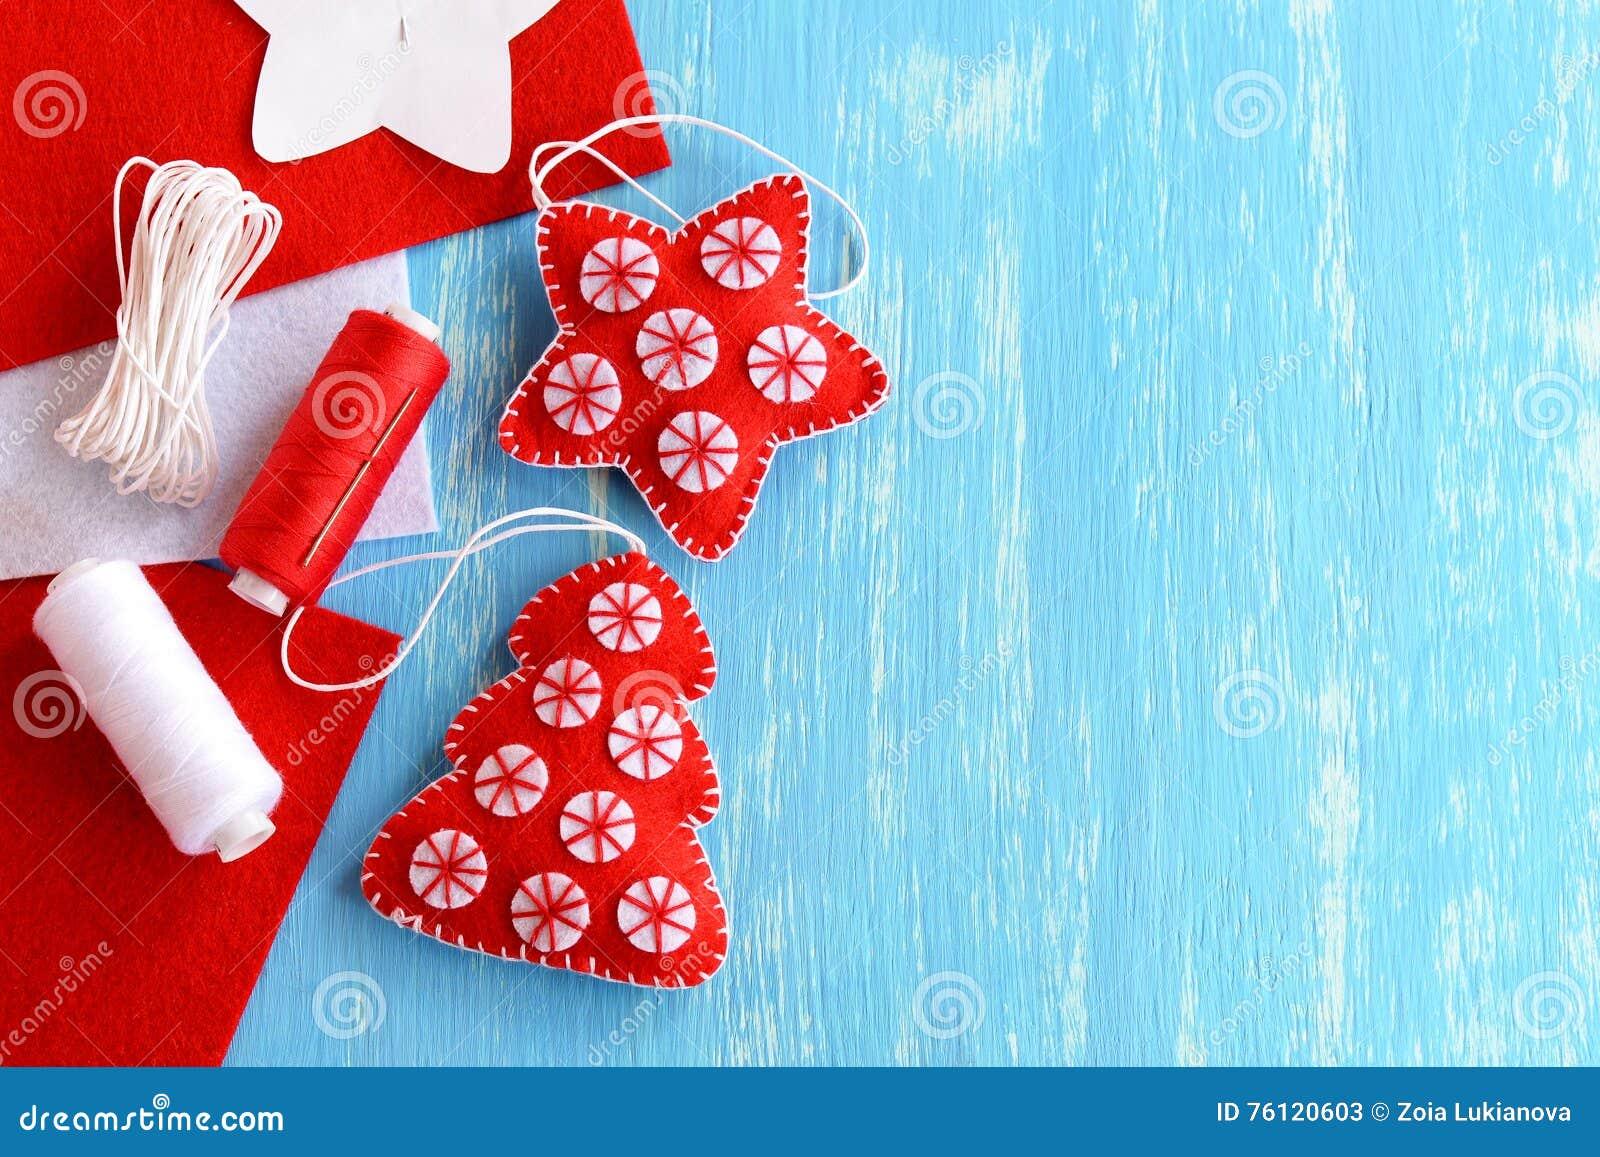 圣诞树和星由毛毡制成在与空白的蓝色木背景文本的 手工制造圣诞节玩具